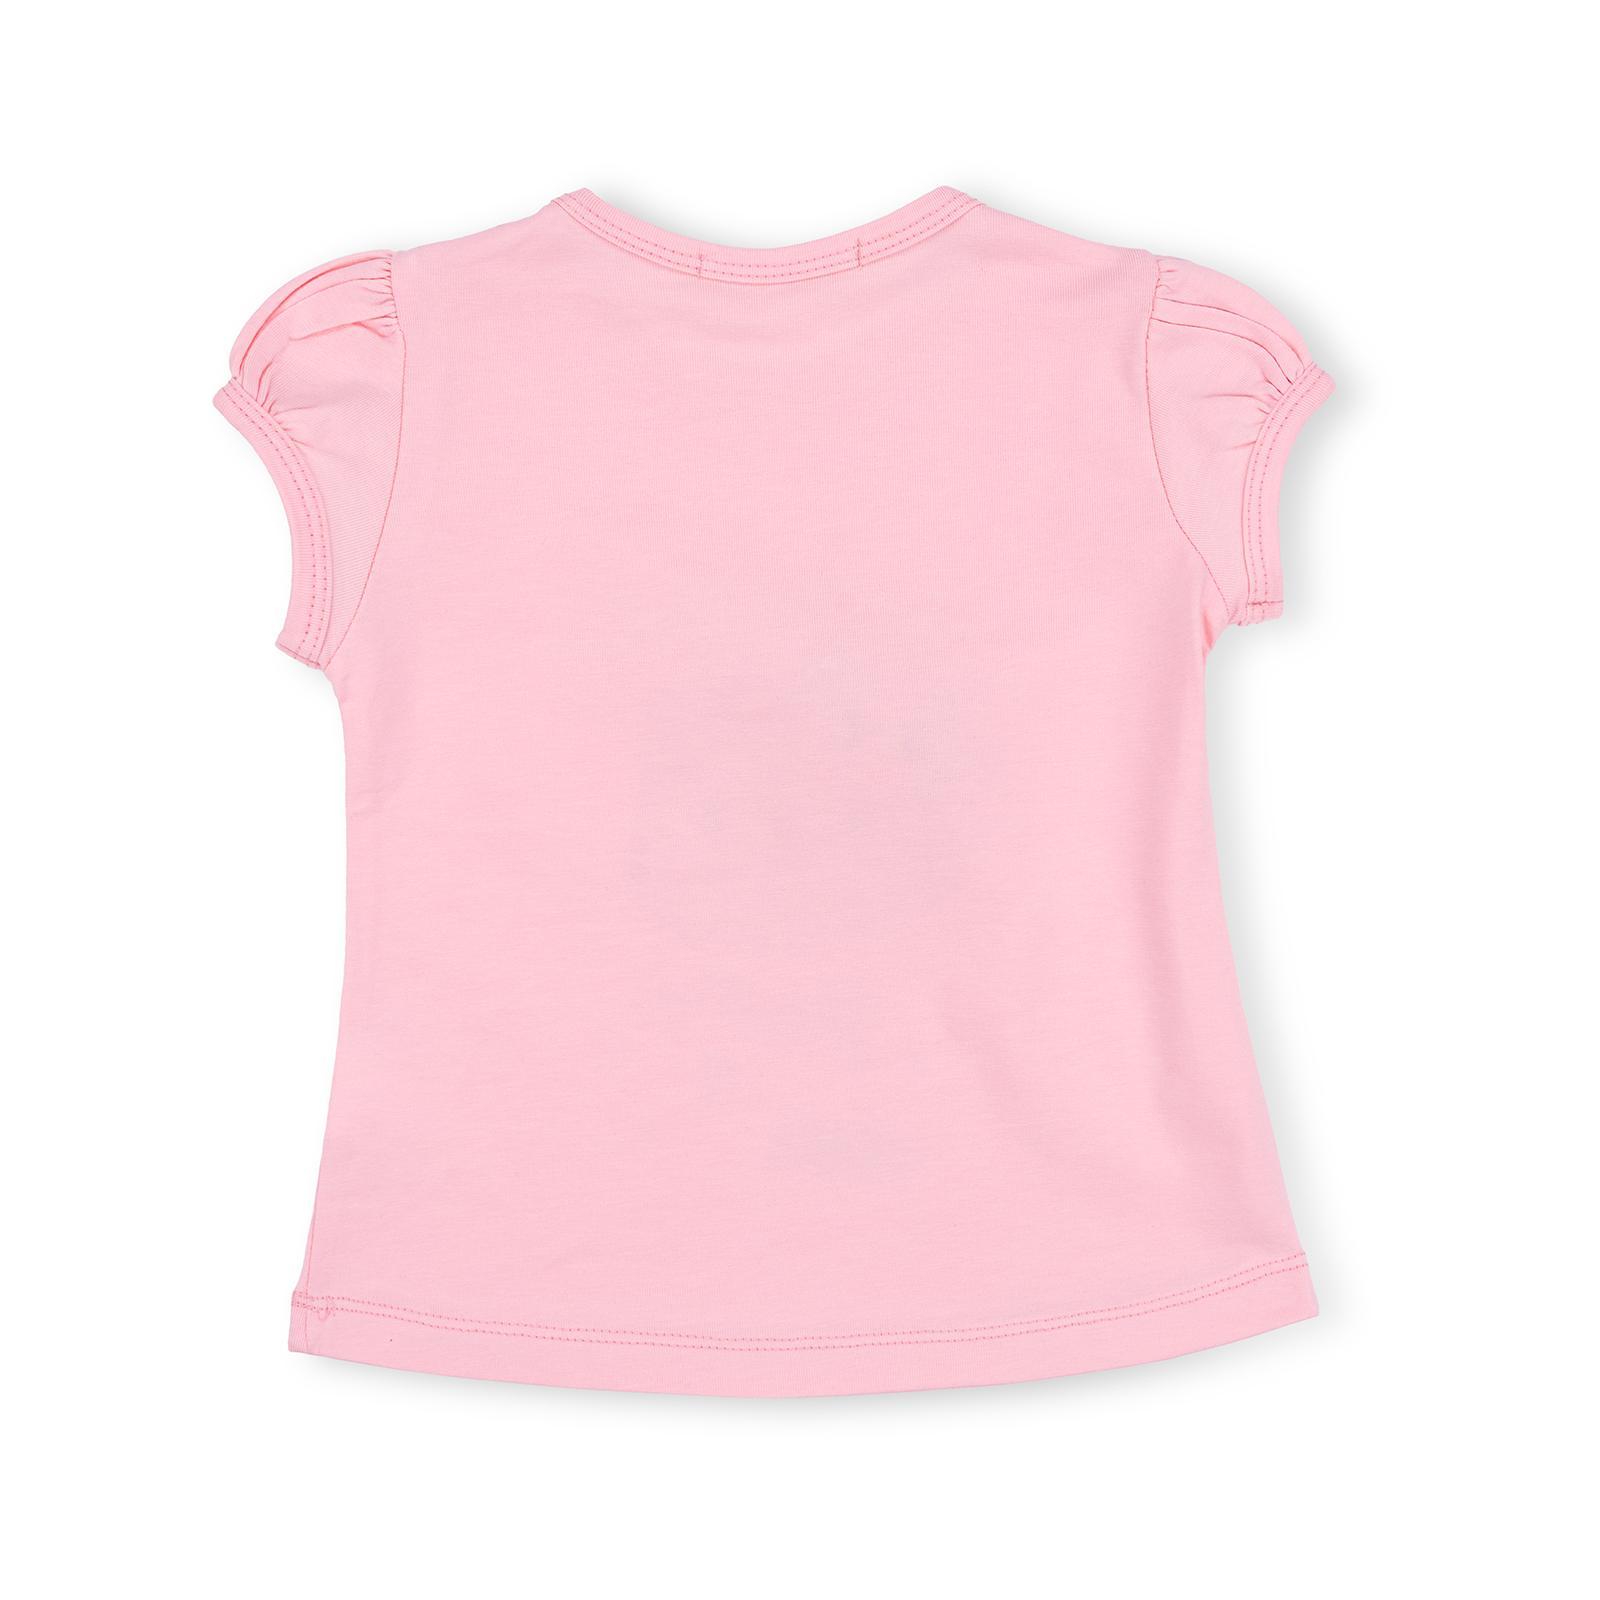 Набор детской одежды Breeze с котиками (7493-86G-pink) изображение 5